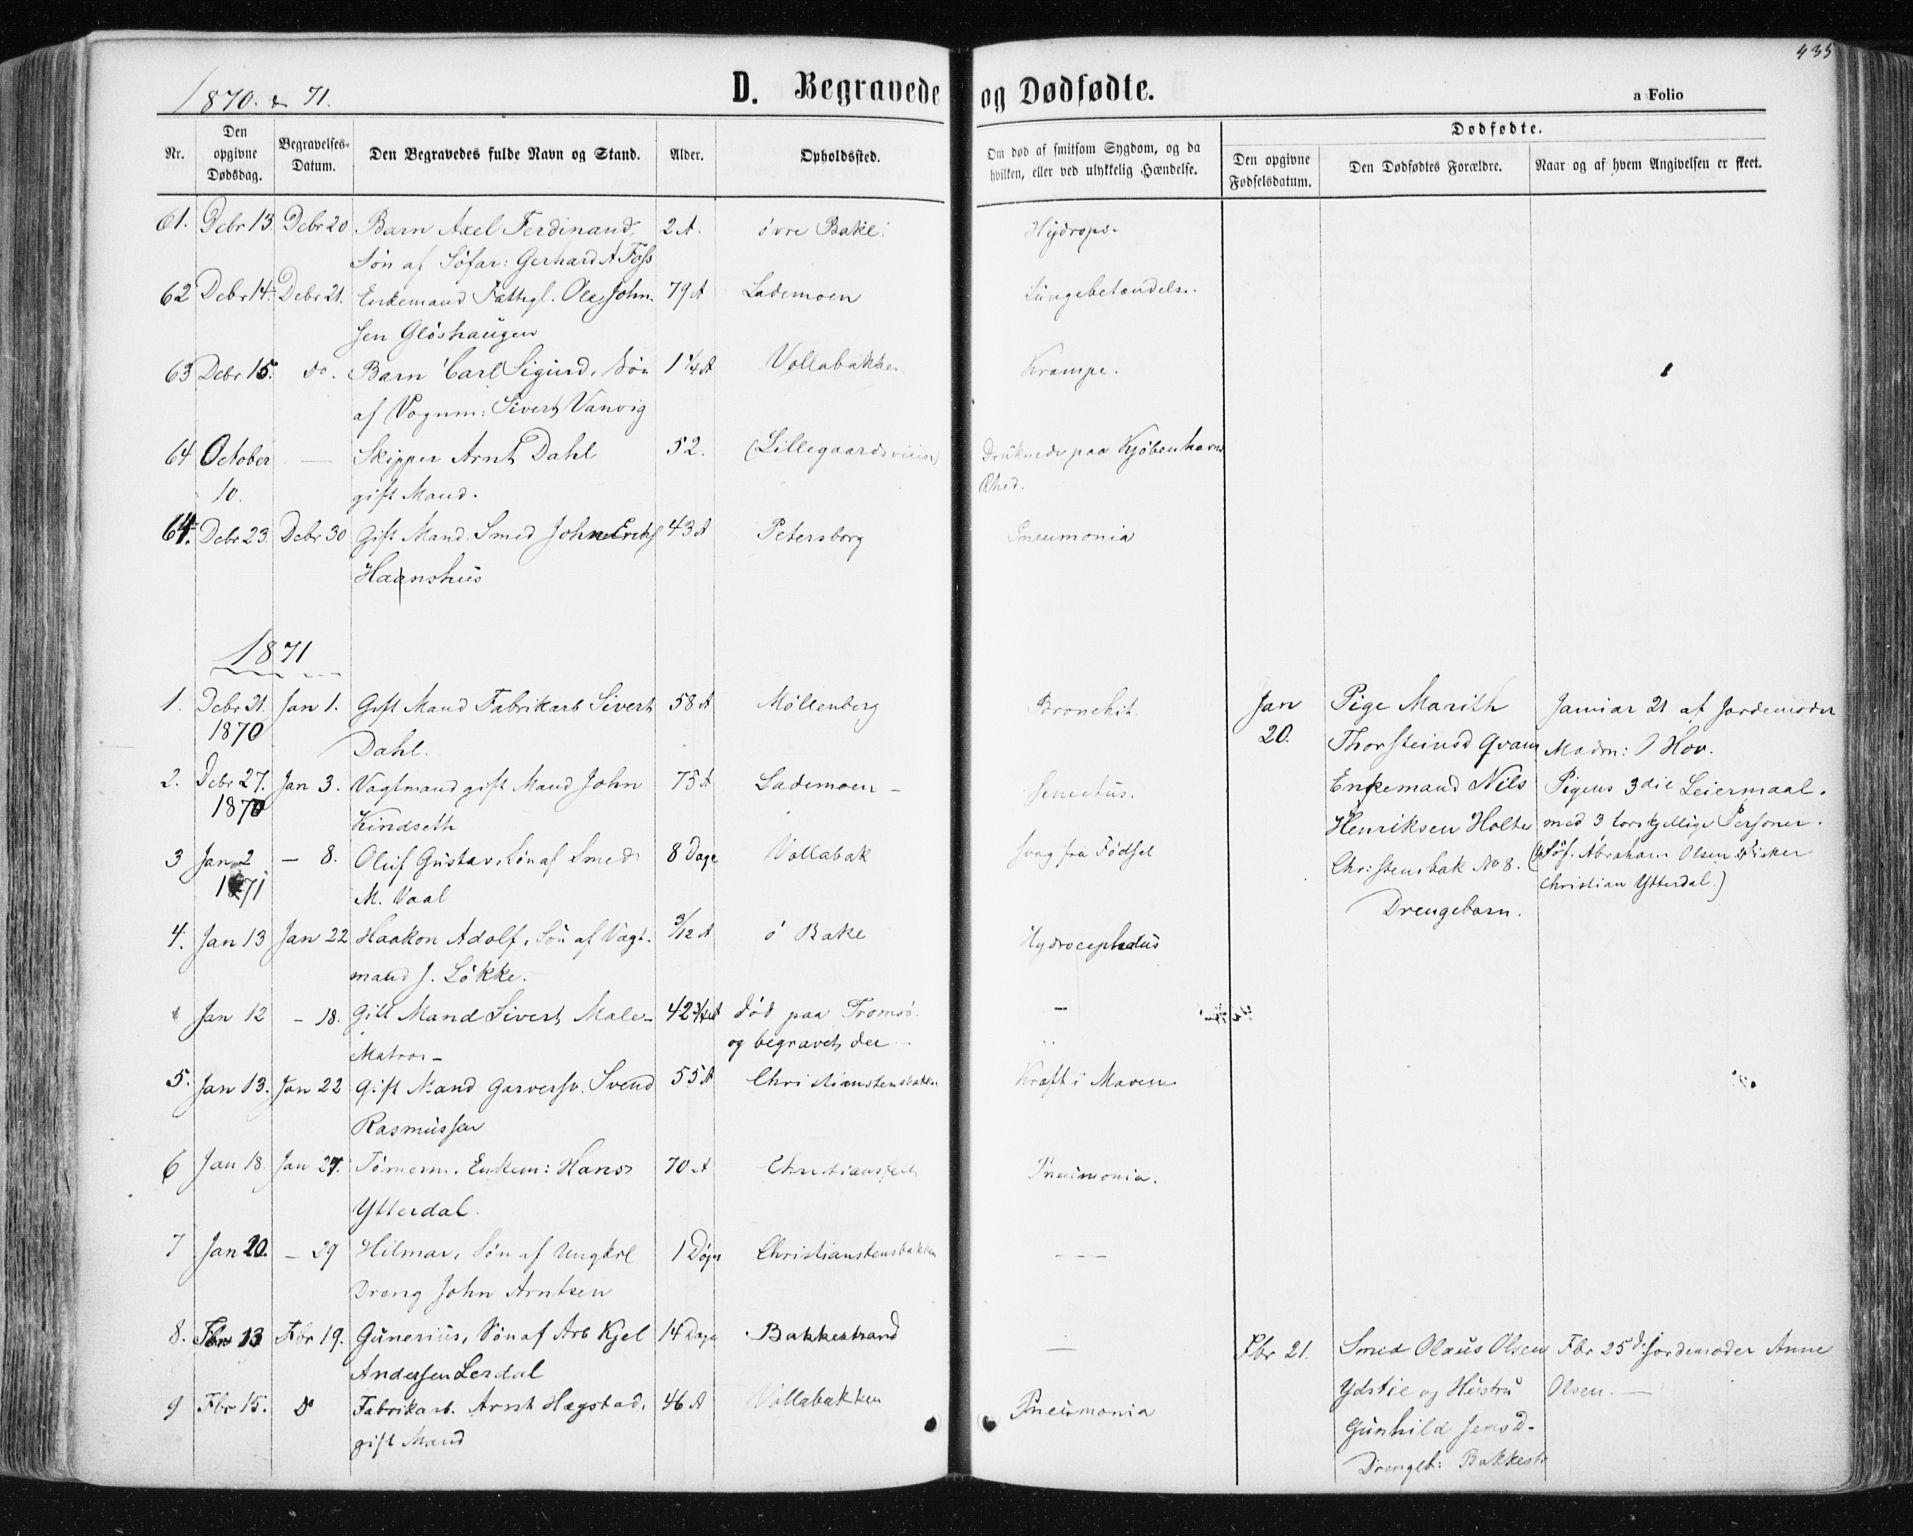 SAT, Ministerialprotokoller, klokkerbøker og fødselsregistre - Sør-Trøndelag, 604/L0186: Ministerialbok nr. 604A07, 1866-1877, s. 435